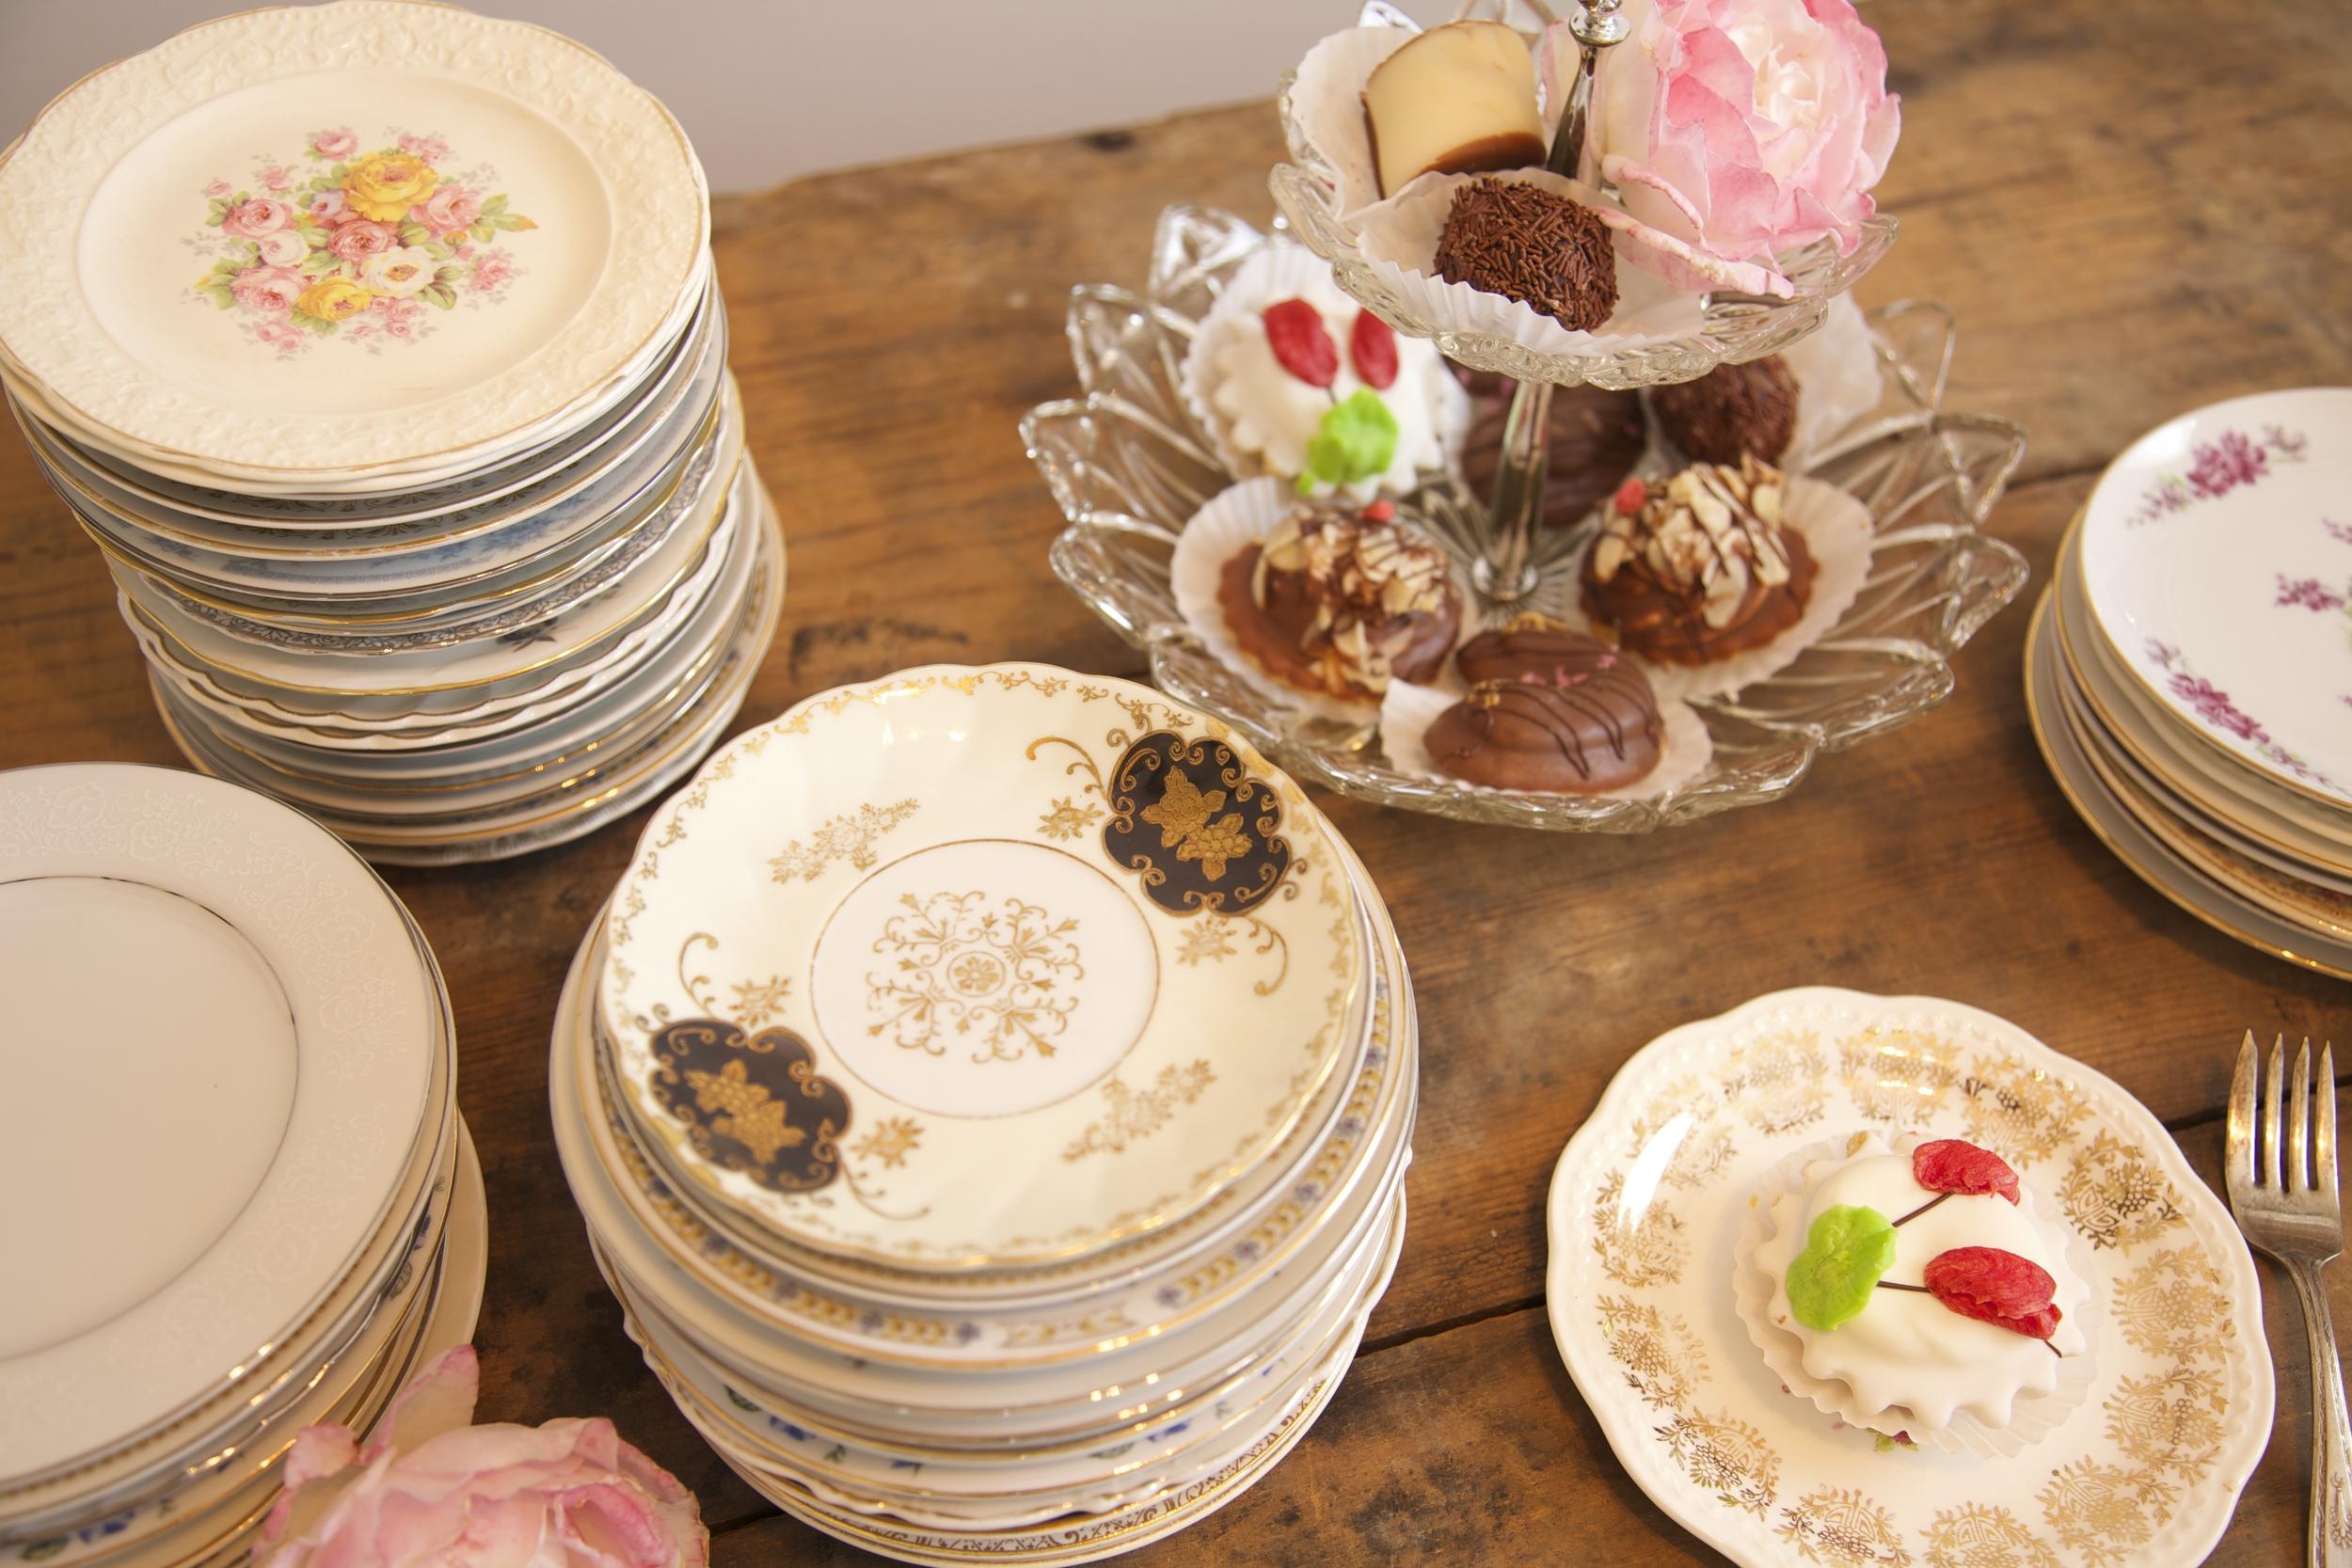 Mismatched China Cake Plates $2.50